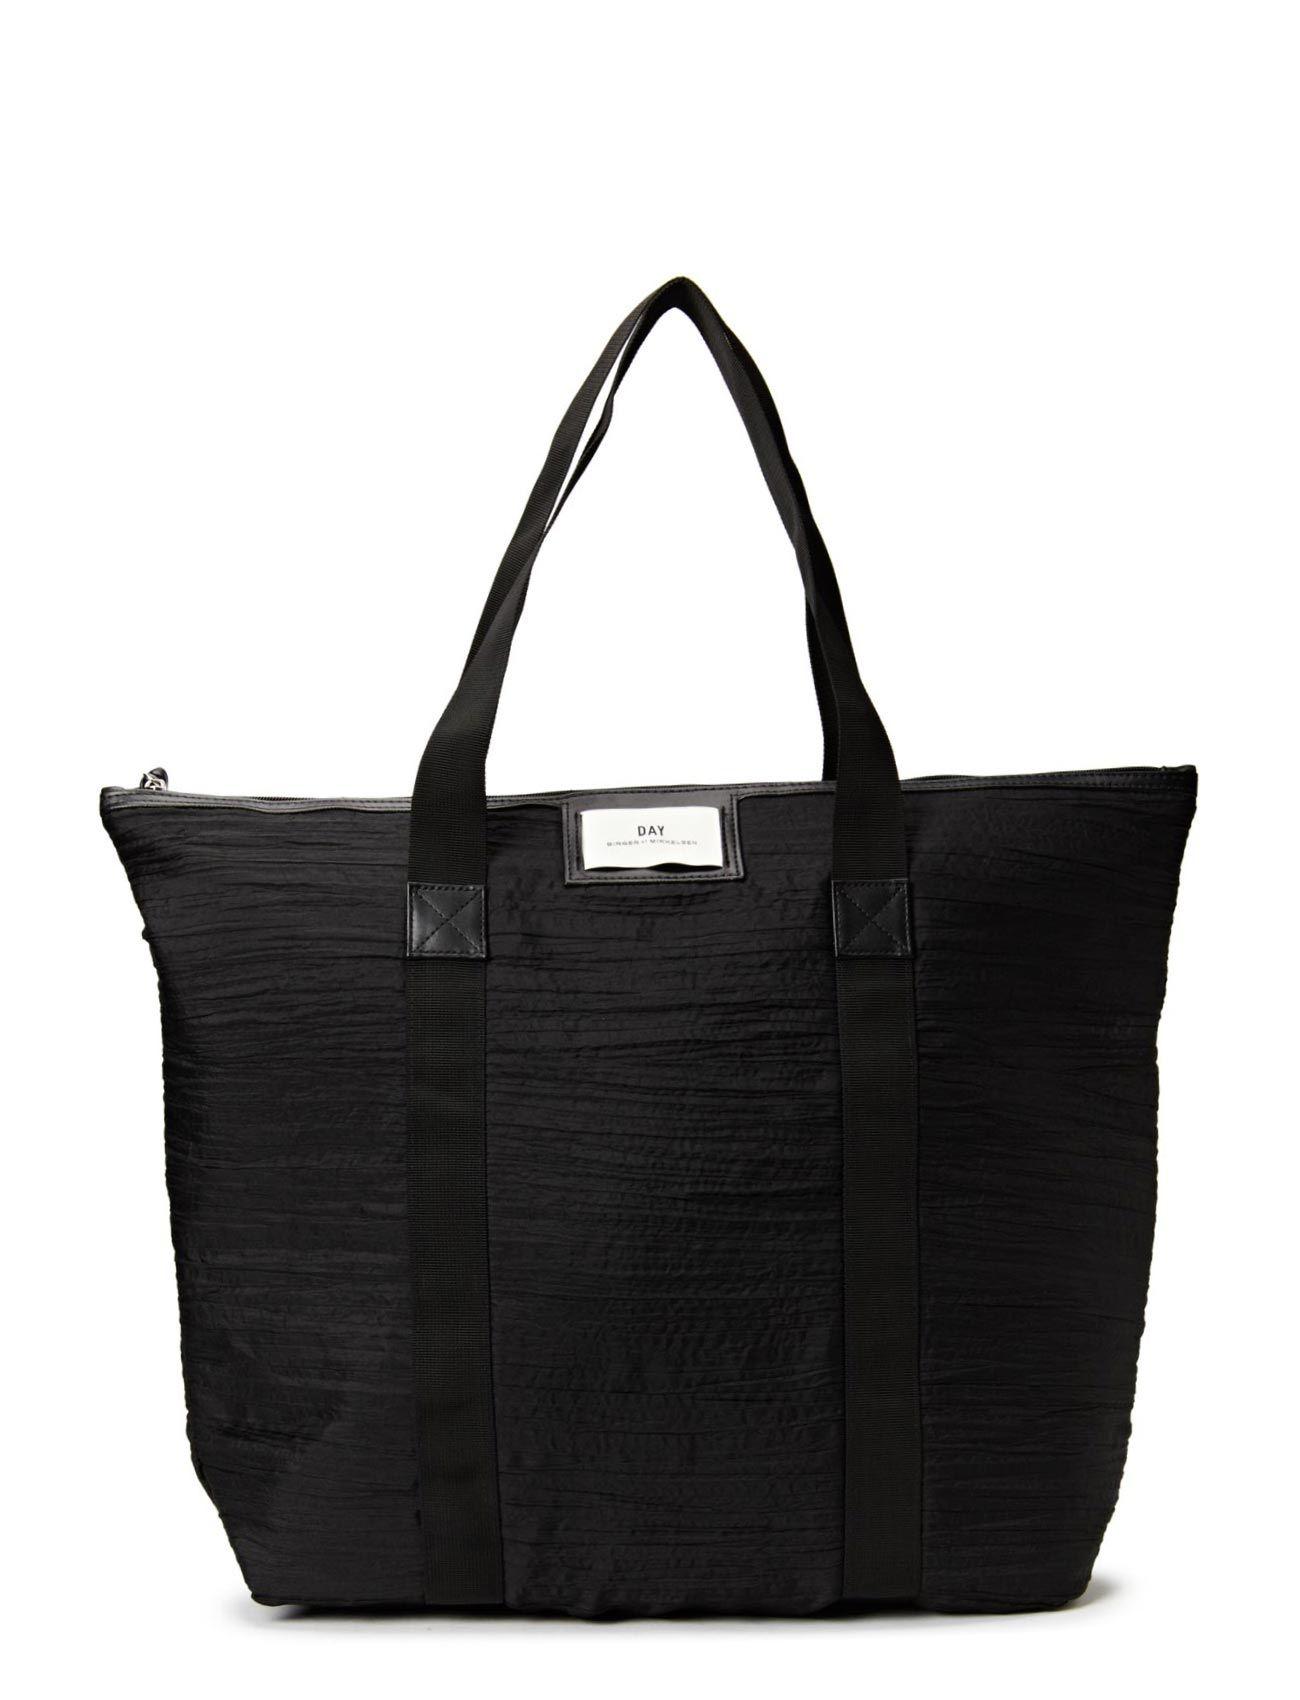 Night Gweneth Wrinkles Bag (Black) - DAY BIRGER ET MIKKELSEN Official UK Shop